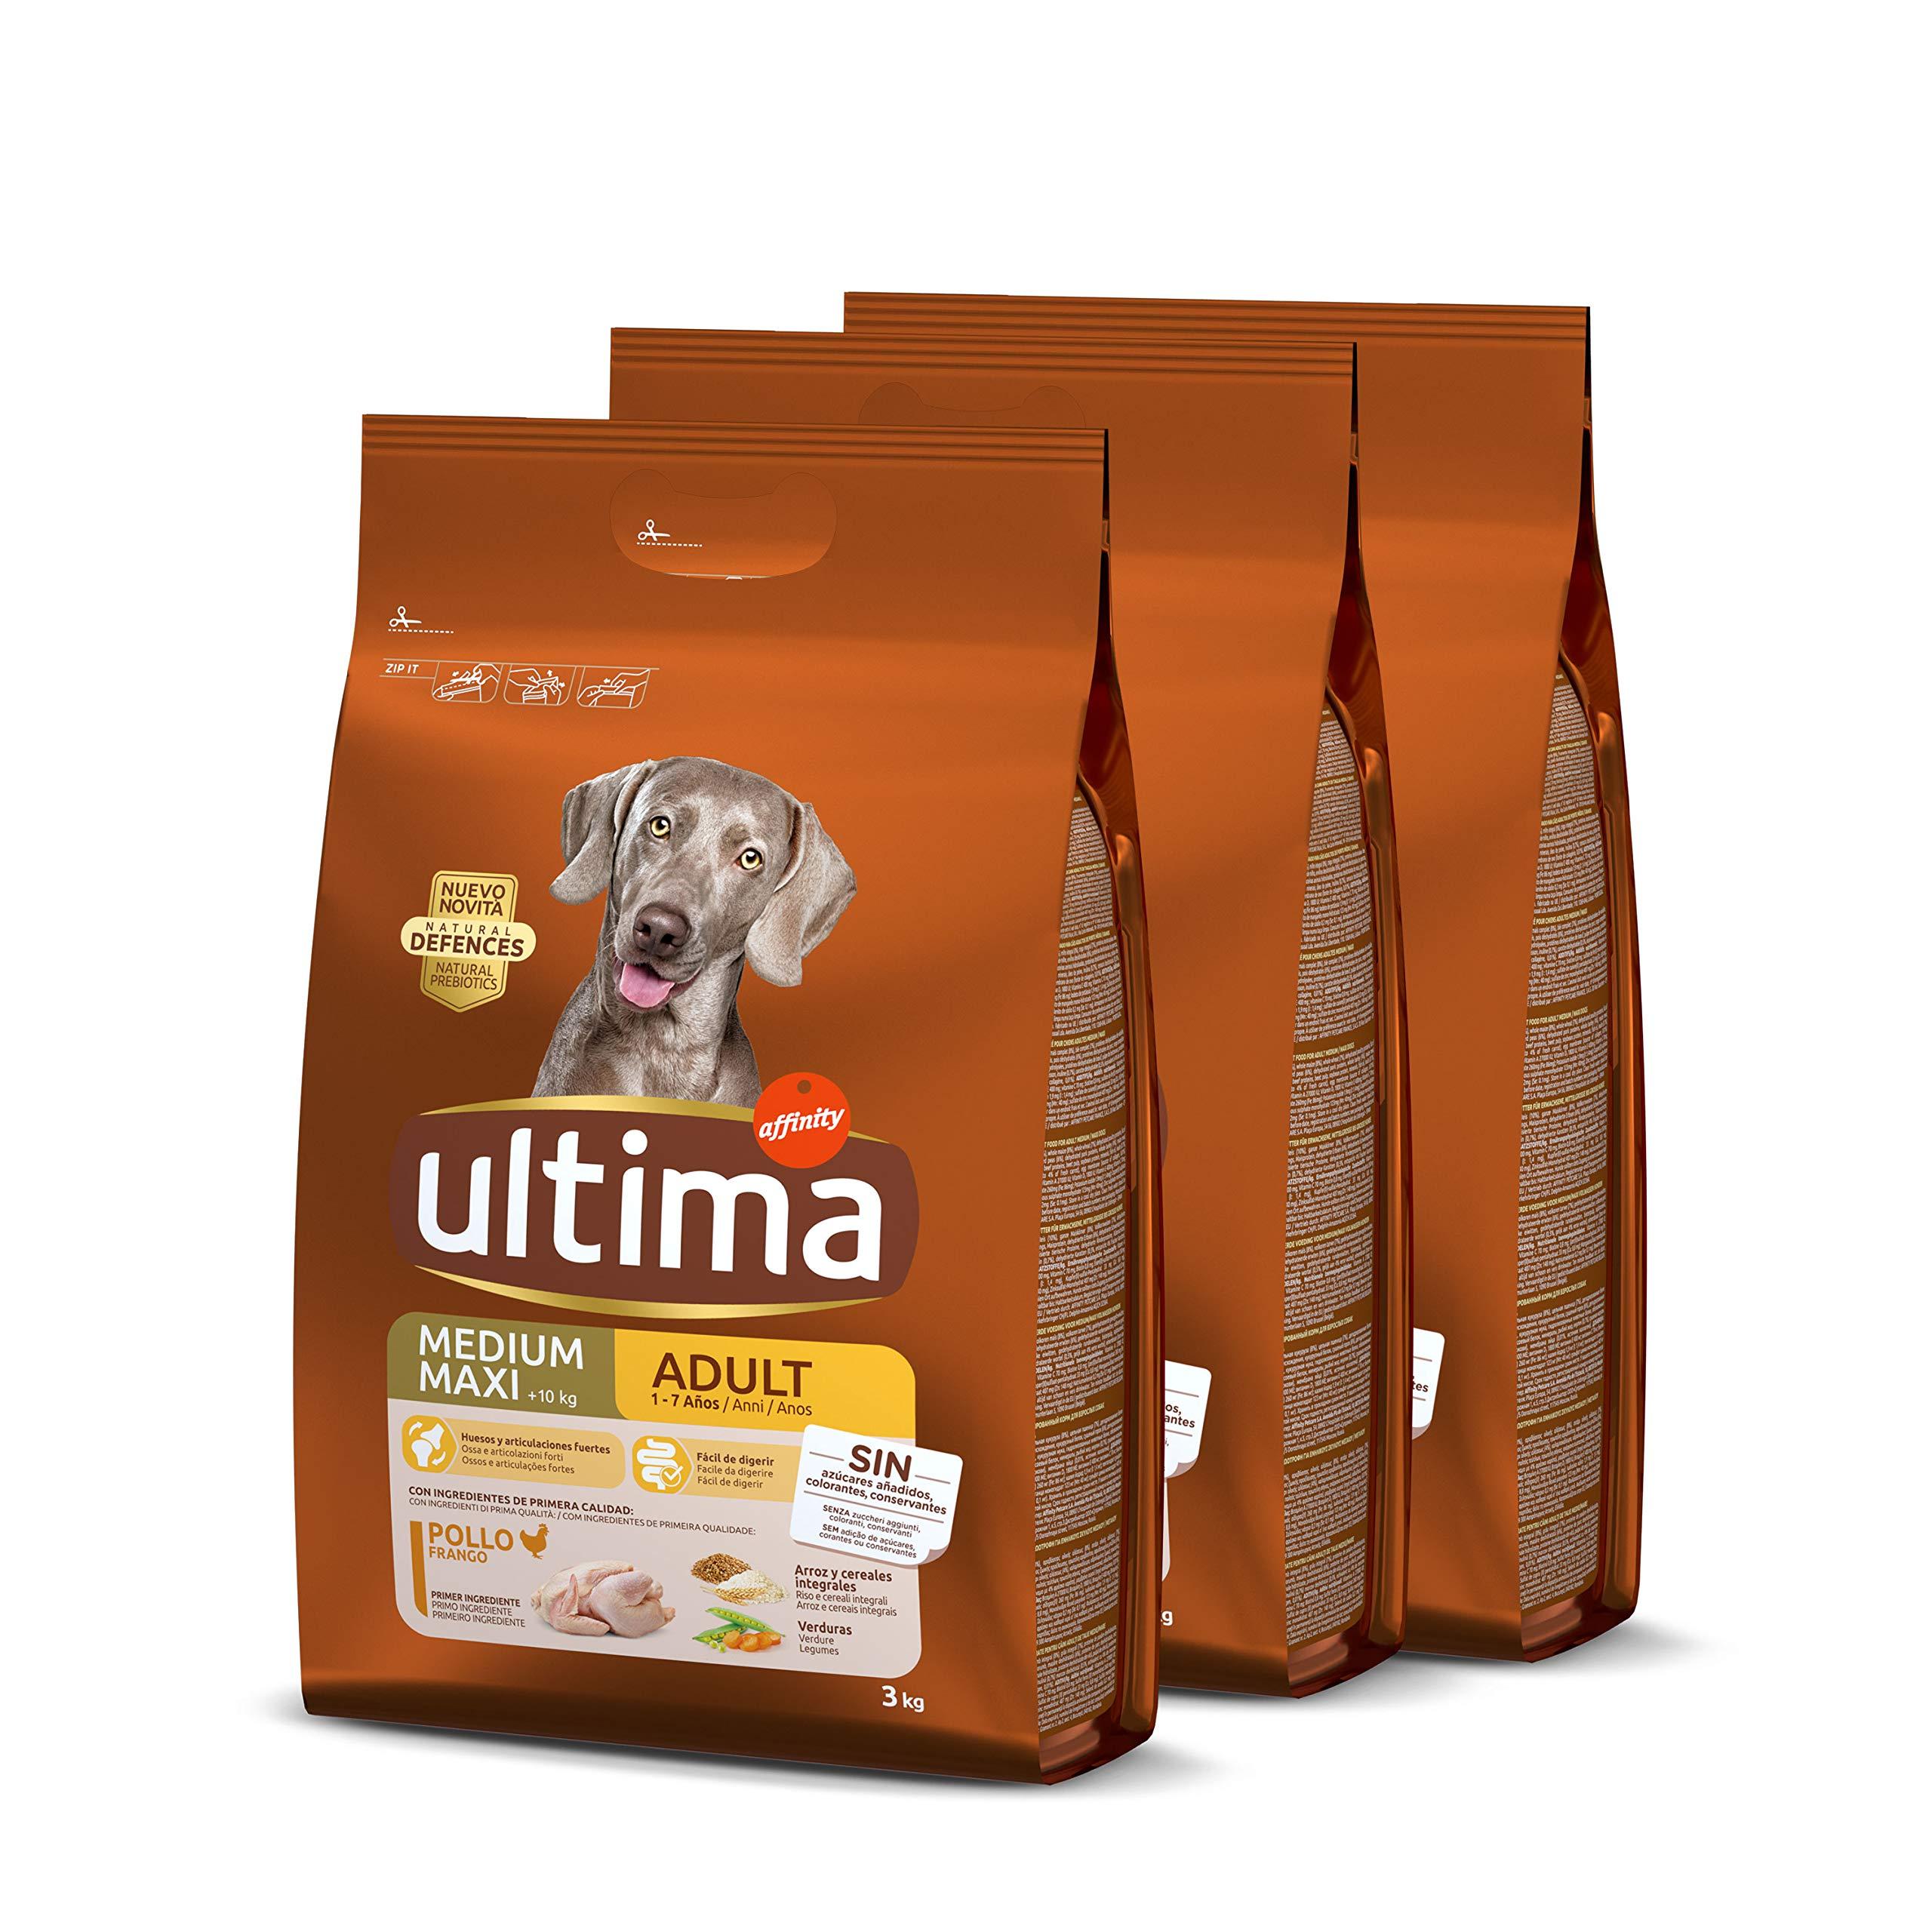 ultima Pienso para Perro Medium-Maxi Adulto con Pollo, Pack de 3 x 3 kg - Total 9 kg: Amazon.es: Productos para mascotas